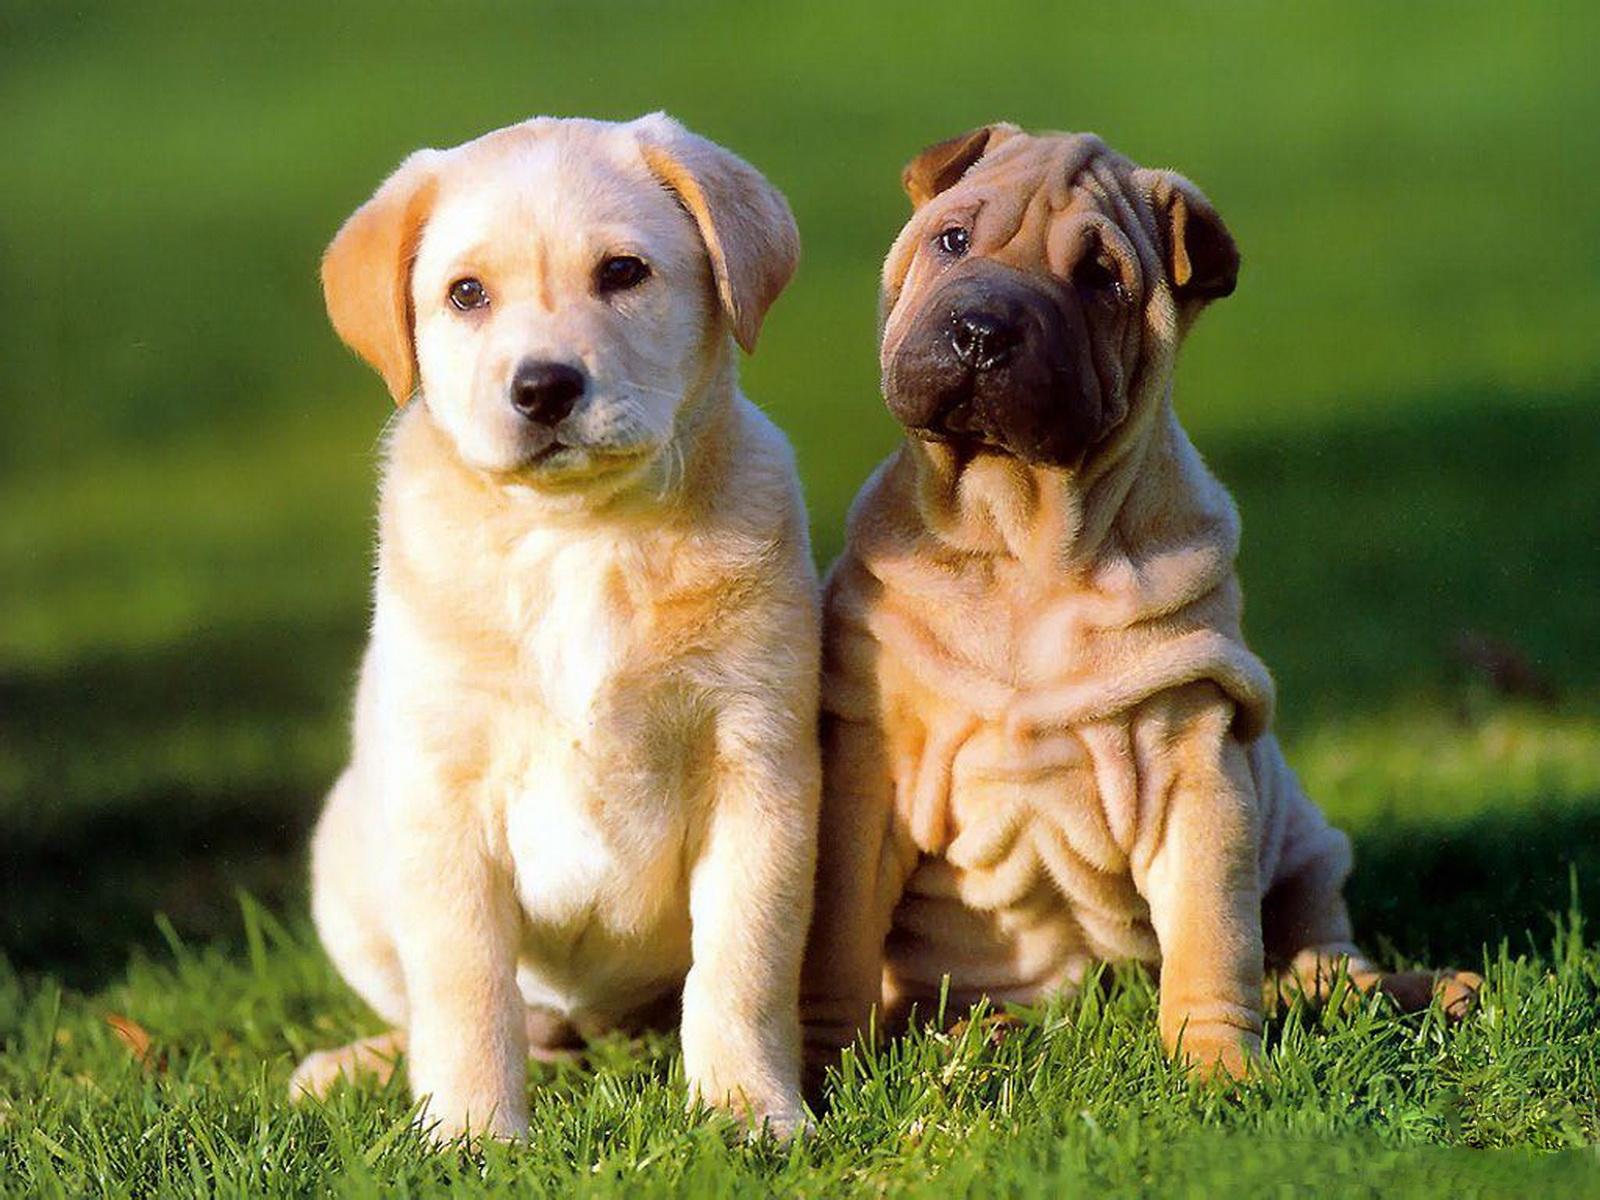 http://1.bp.blogspot.com/-BDnil8eHQCc/Tyw7_pK65ZI/AAAAAAAAA1s/OBeppSQX2-Y/s1600/9-Cute+Dog+1600x1200.jpg